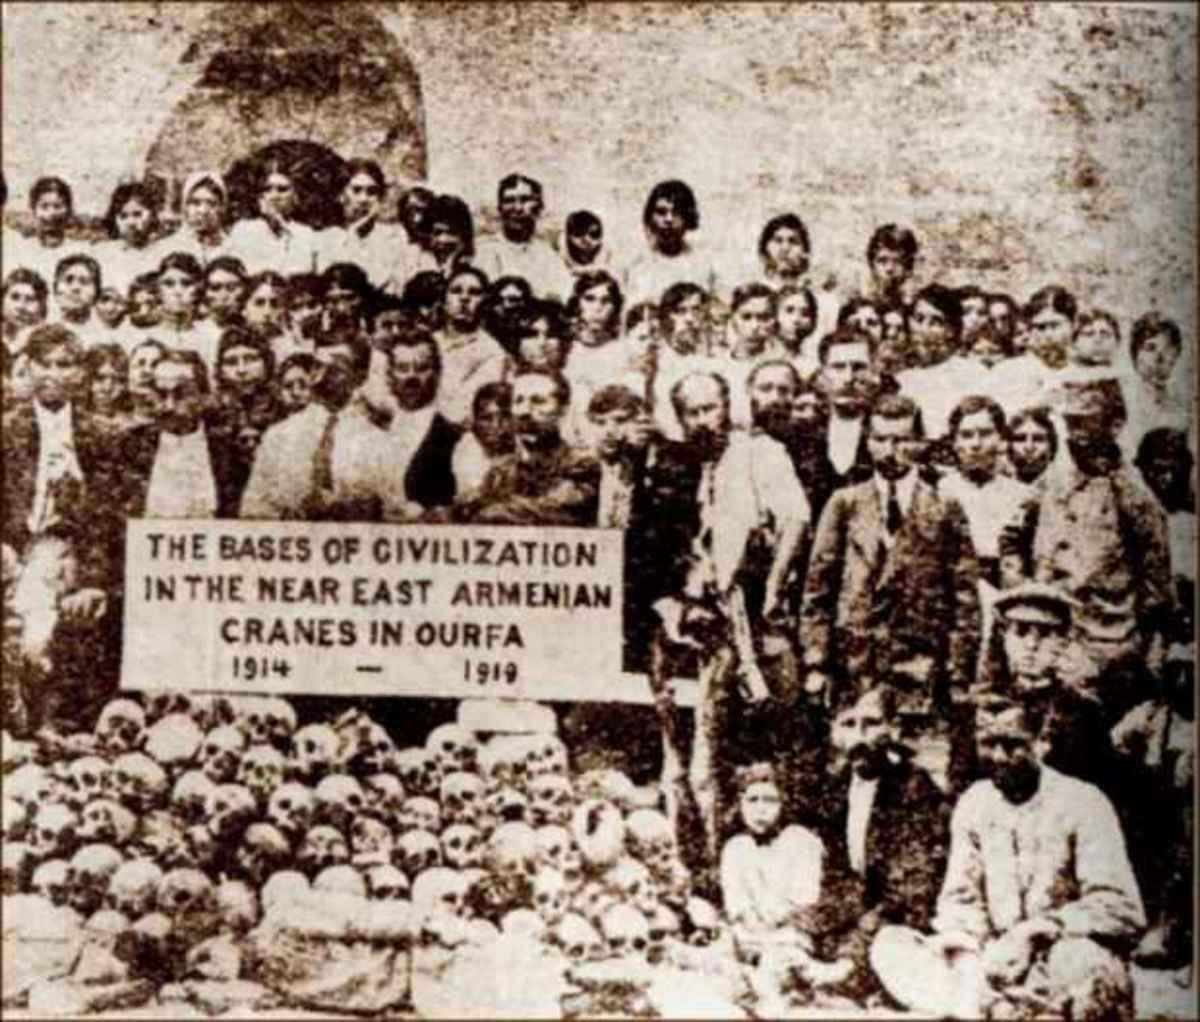 Η «εκδίκηση» των Αρμενίων για την Γενοκτονία – Μία άγνωστη ιστορία | Newsit.gr